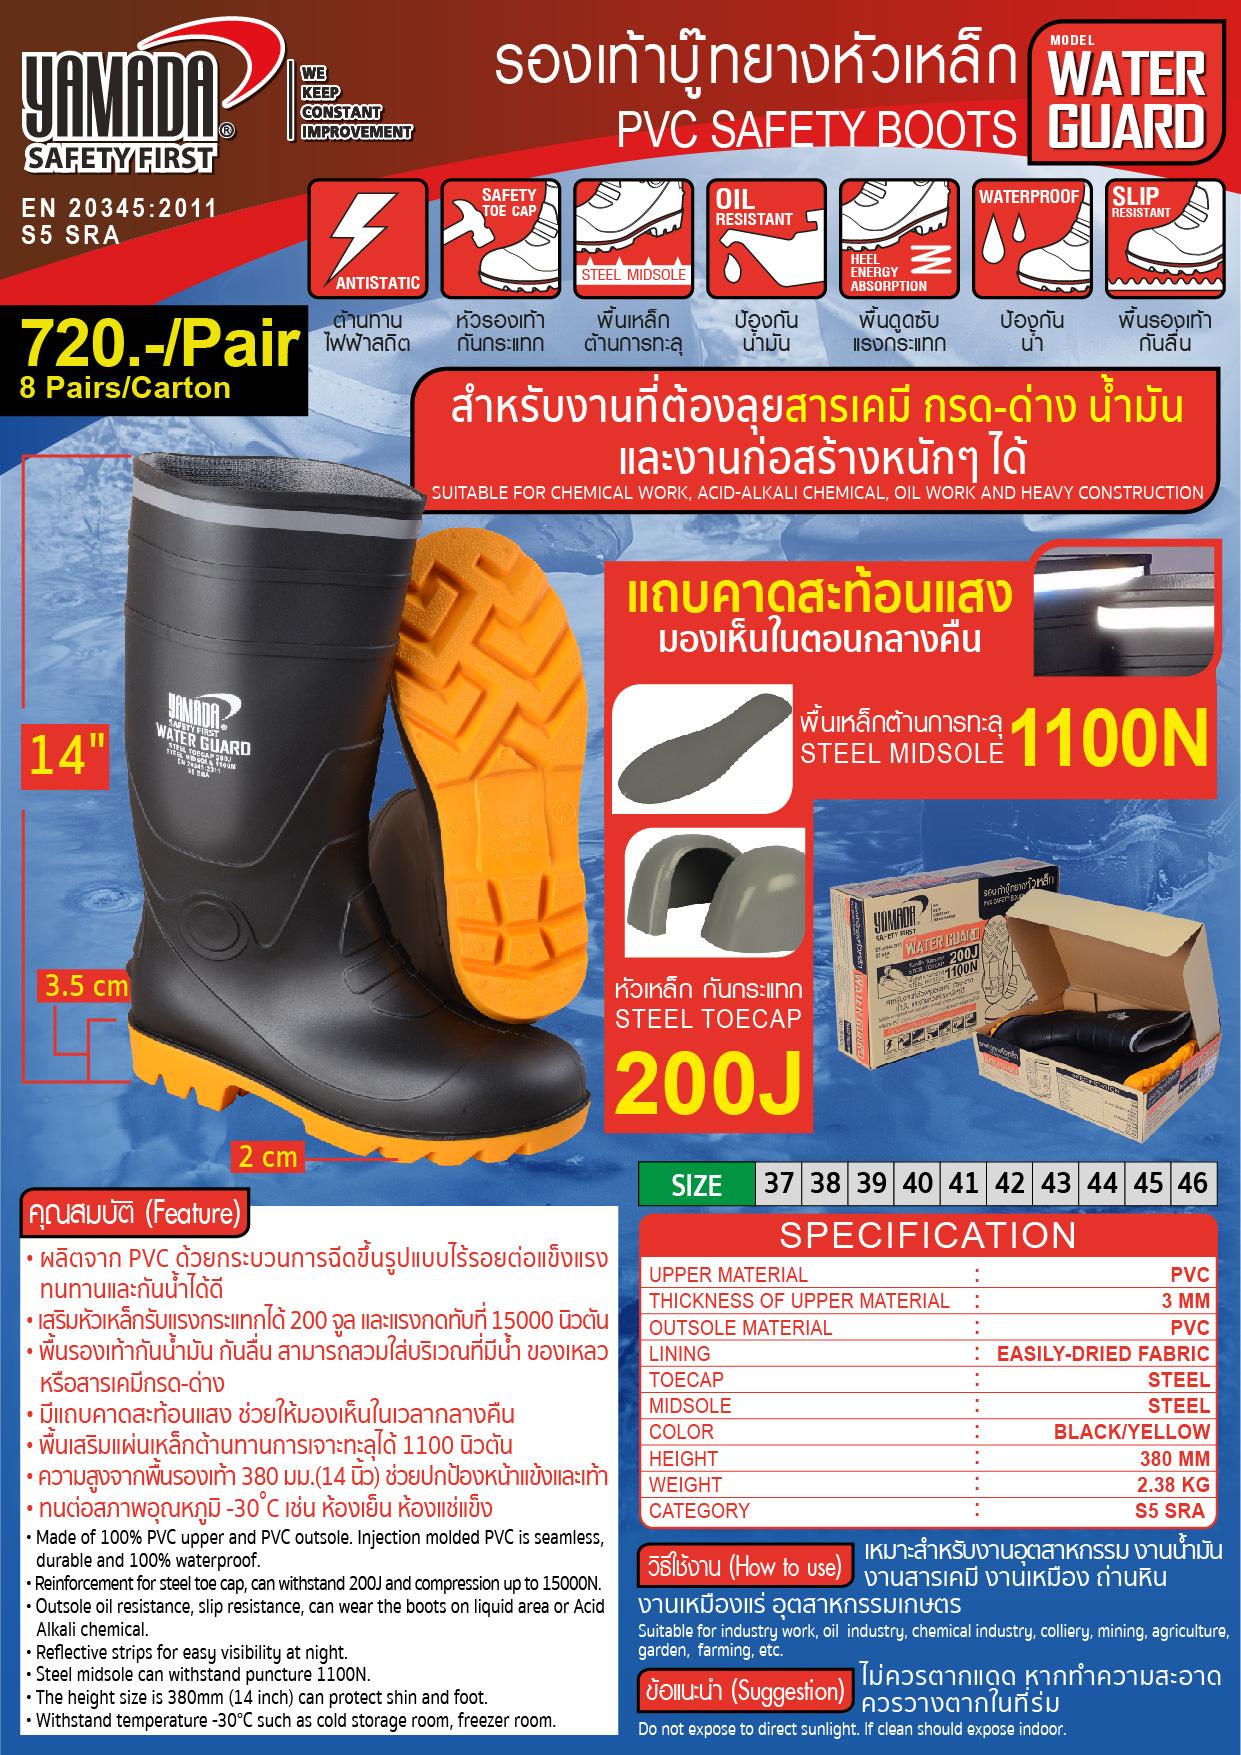 (10/10) รองเท้าบู๊ทยางหัวเหล็ก Water Guard